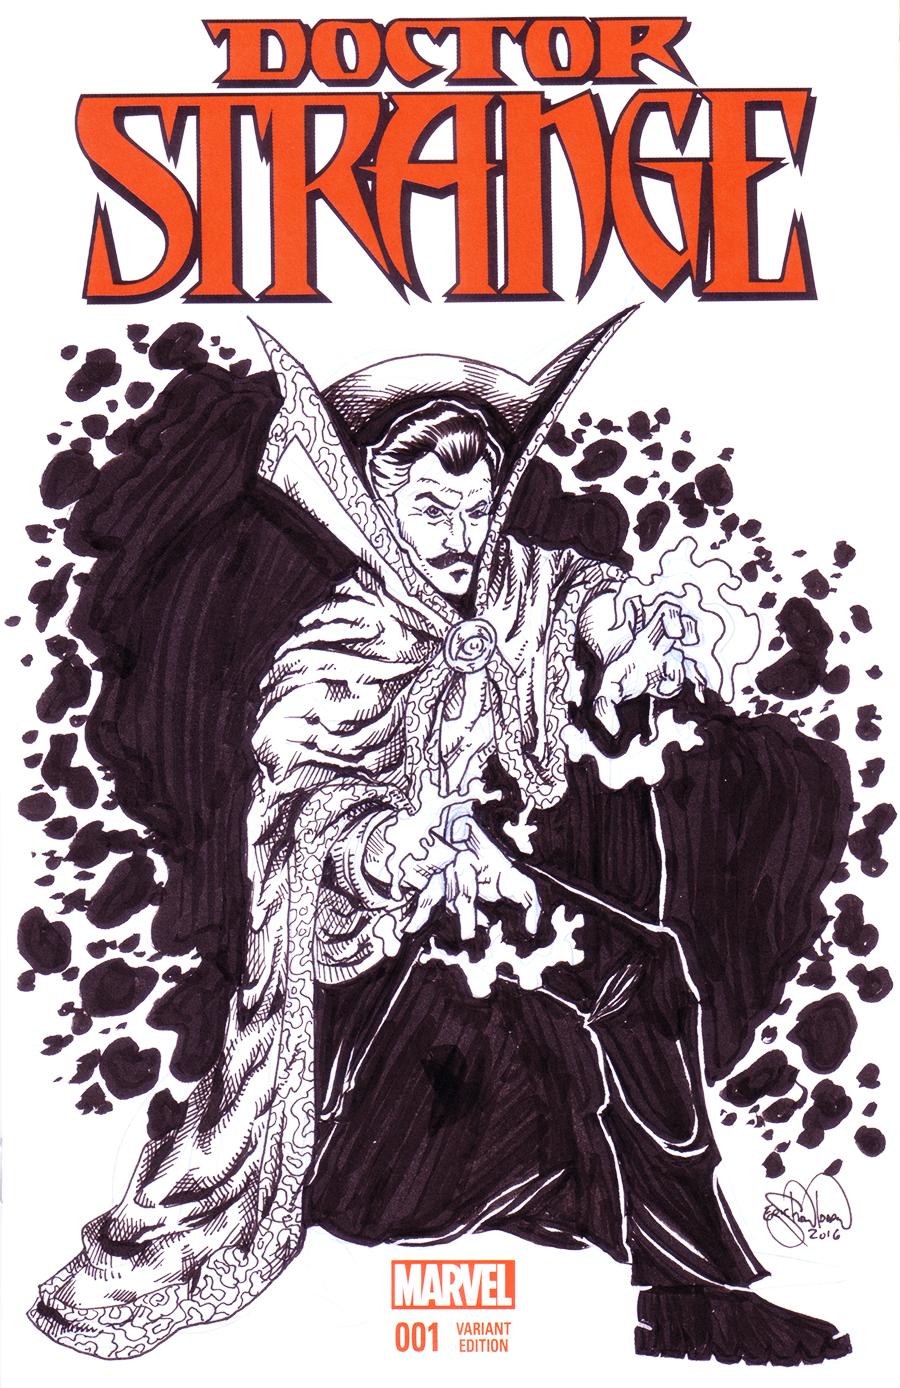 493. Doctor Strange